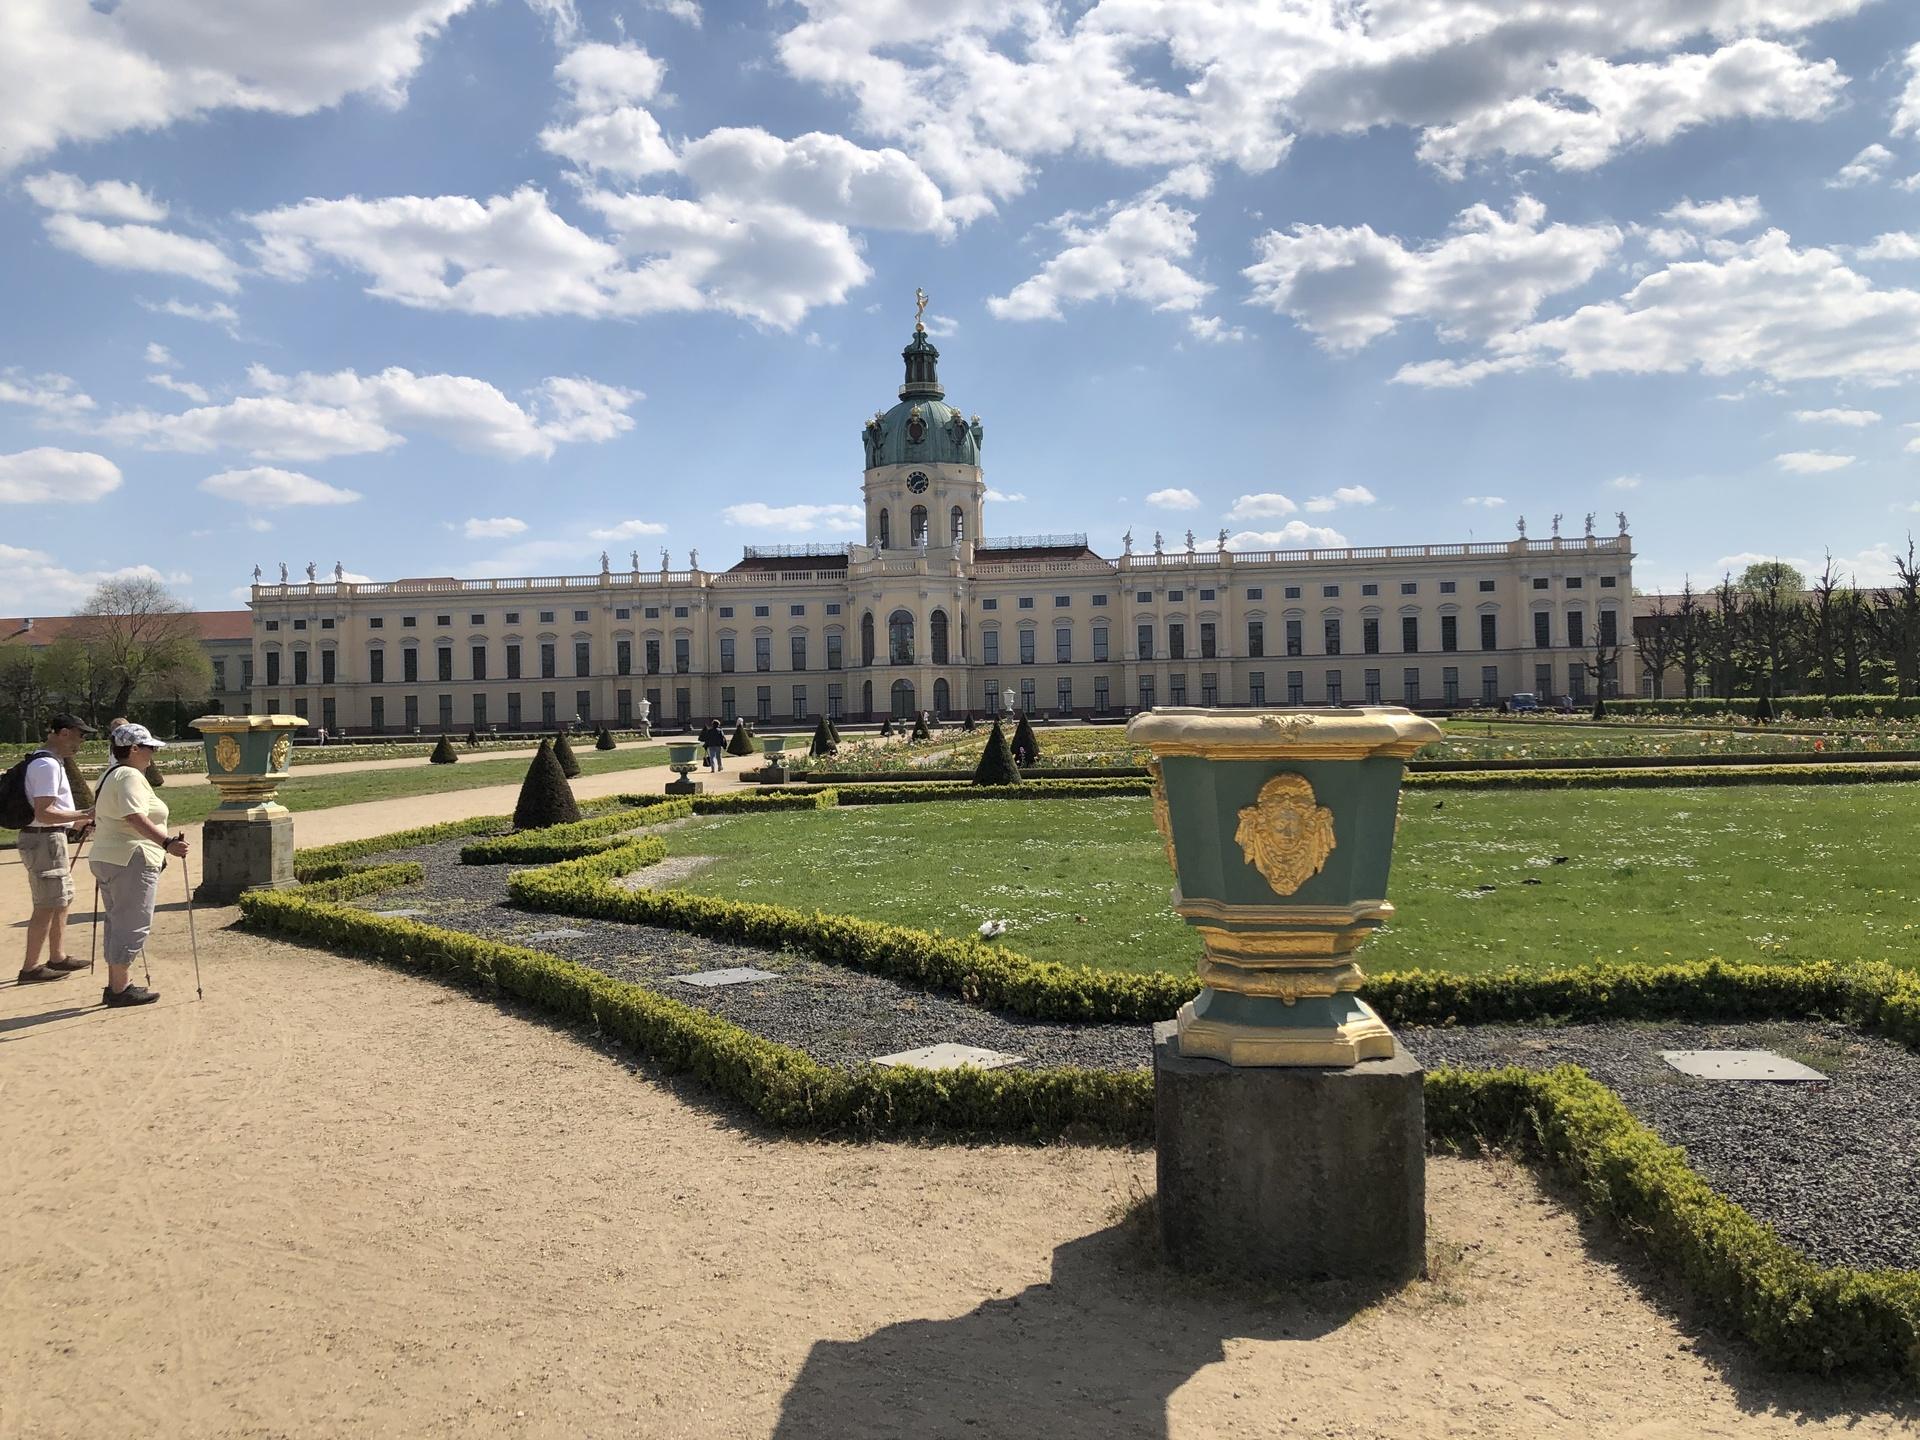 シャルロッテンブルグ宮殿 | ベルリン在住ともおてつさんのおすすめ観光スポット